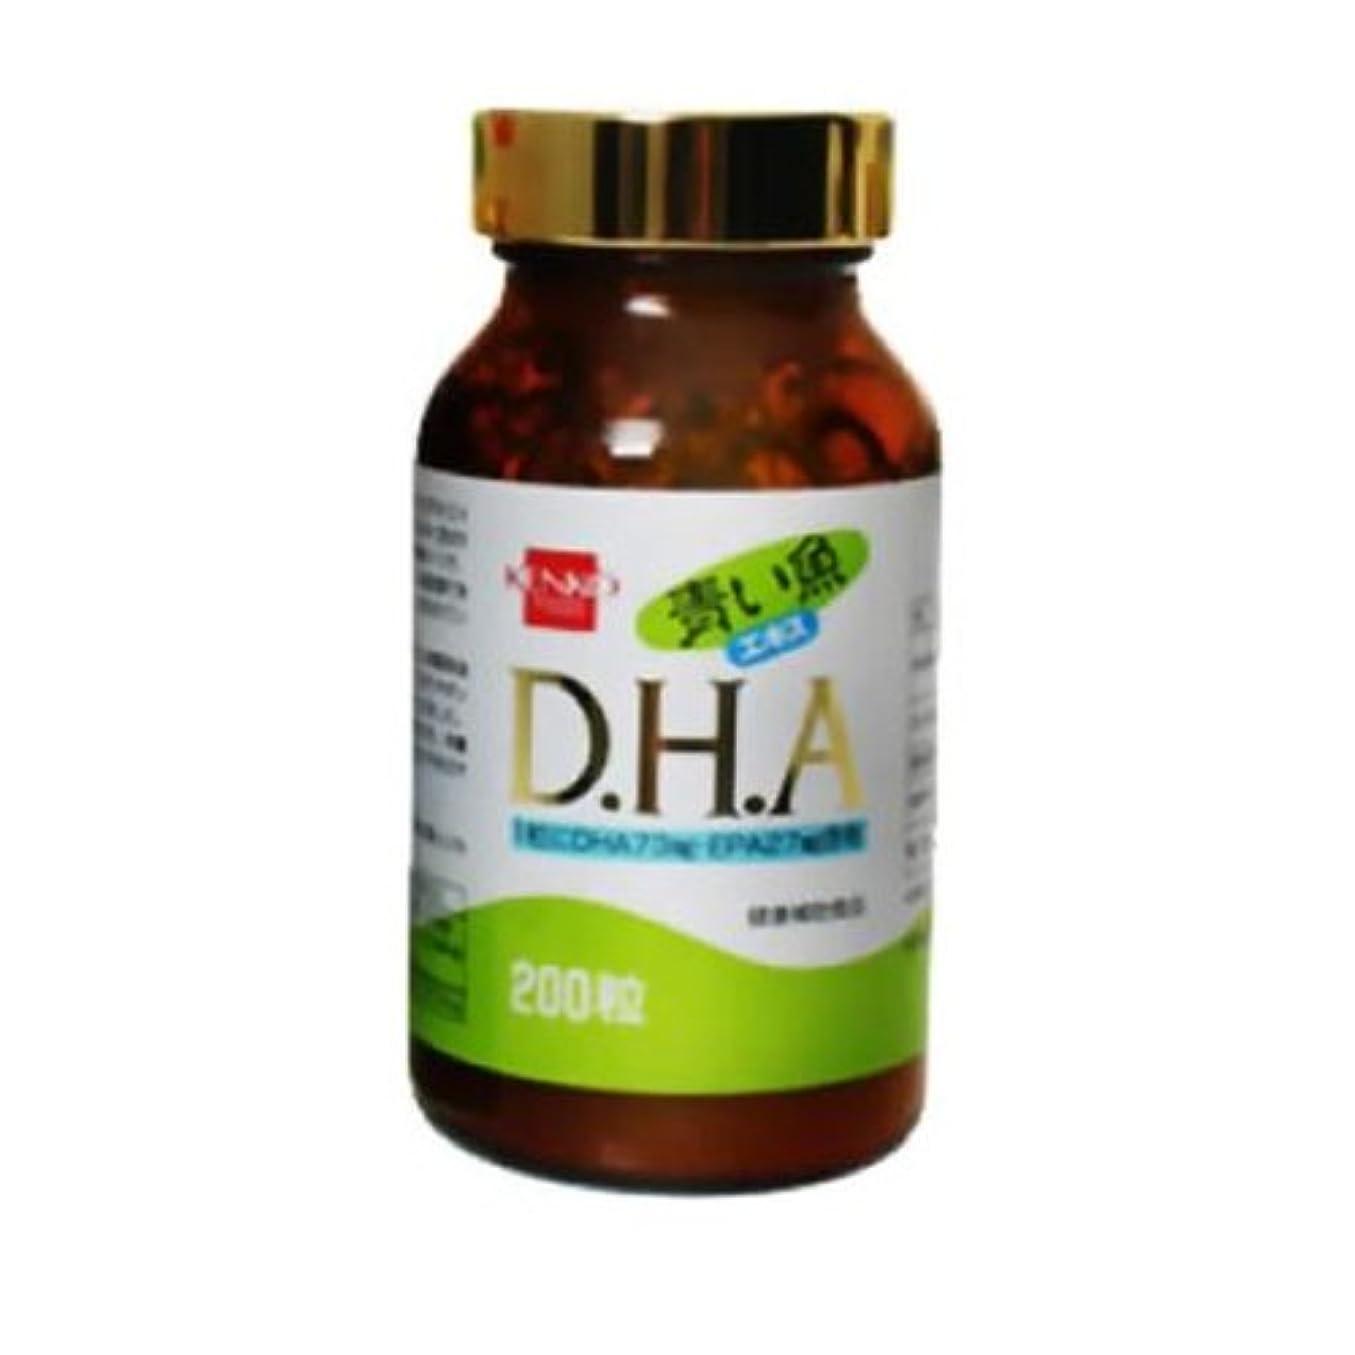 引くオーロックベール青い魚エキス DHA EPA 200粒